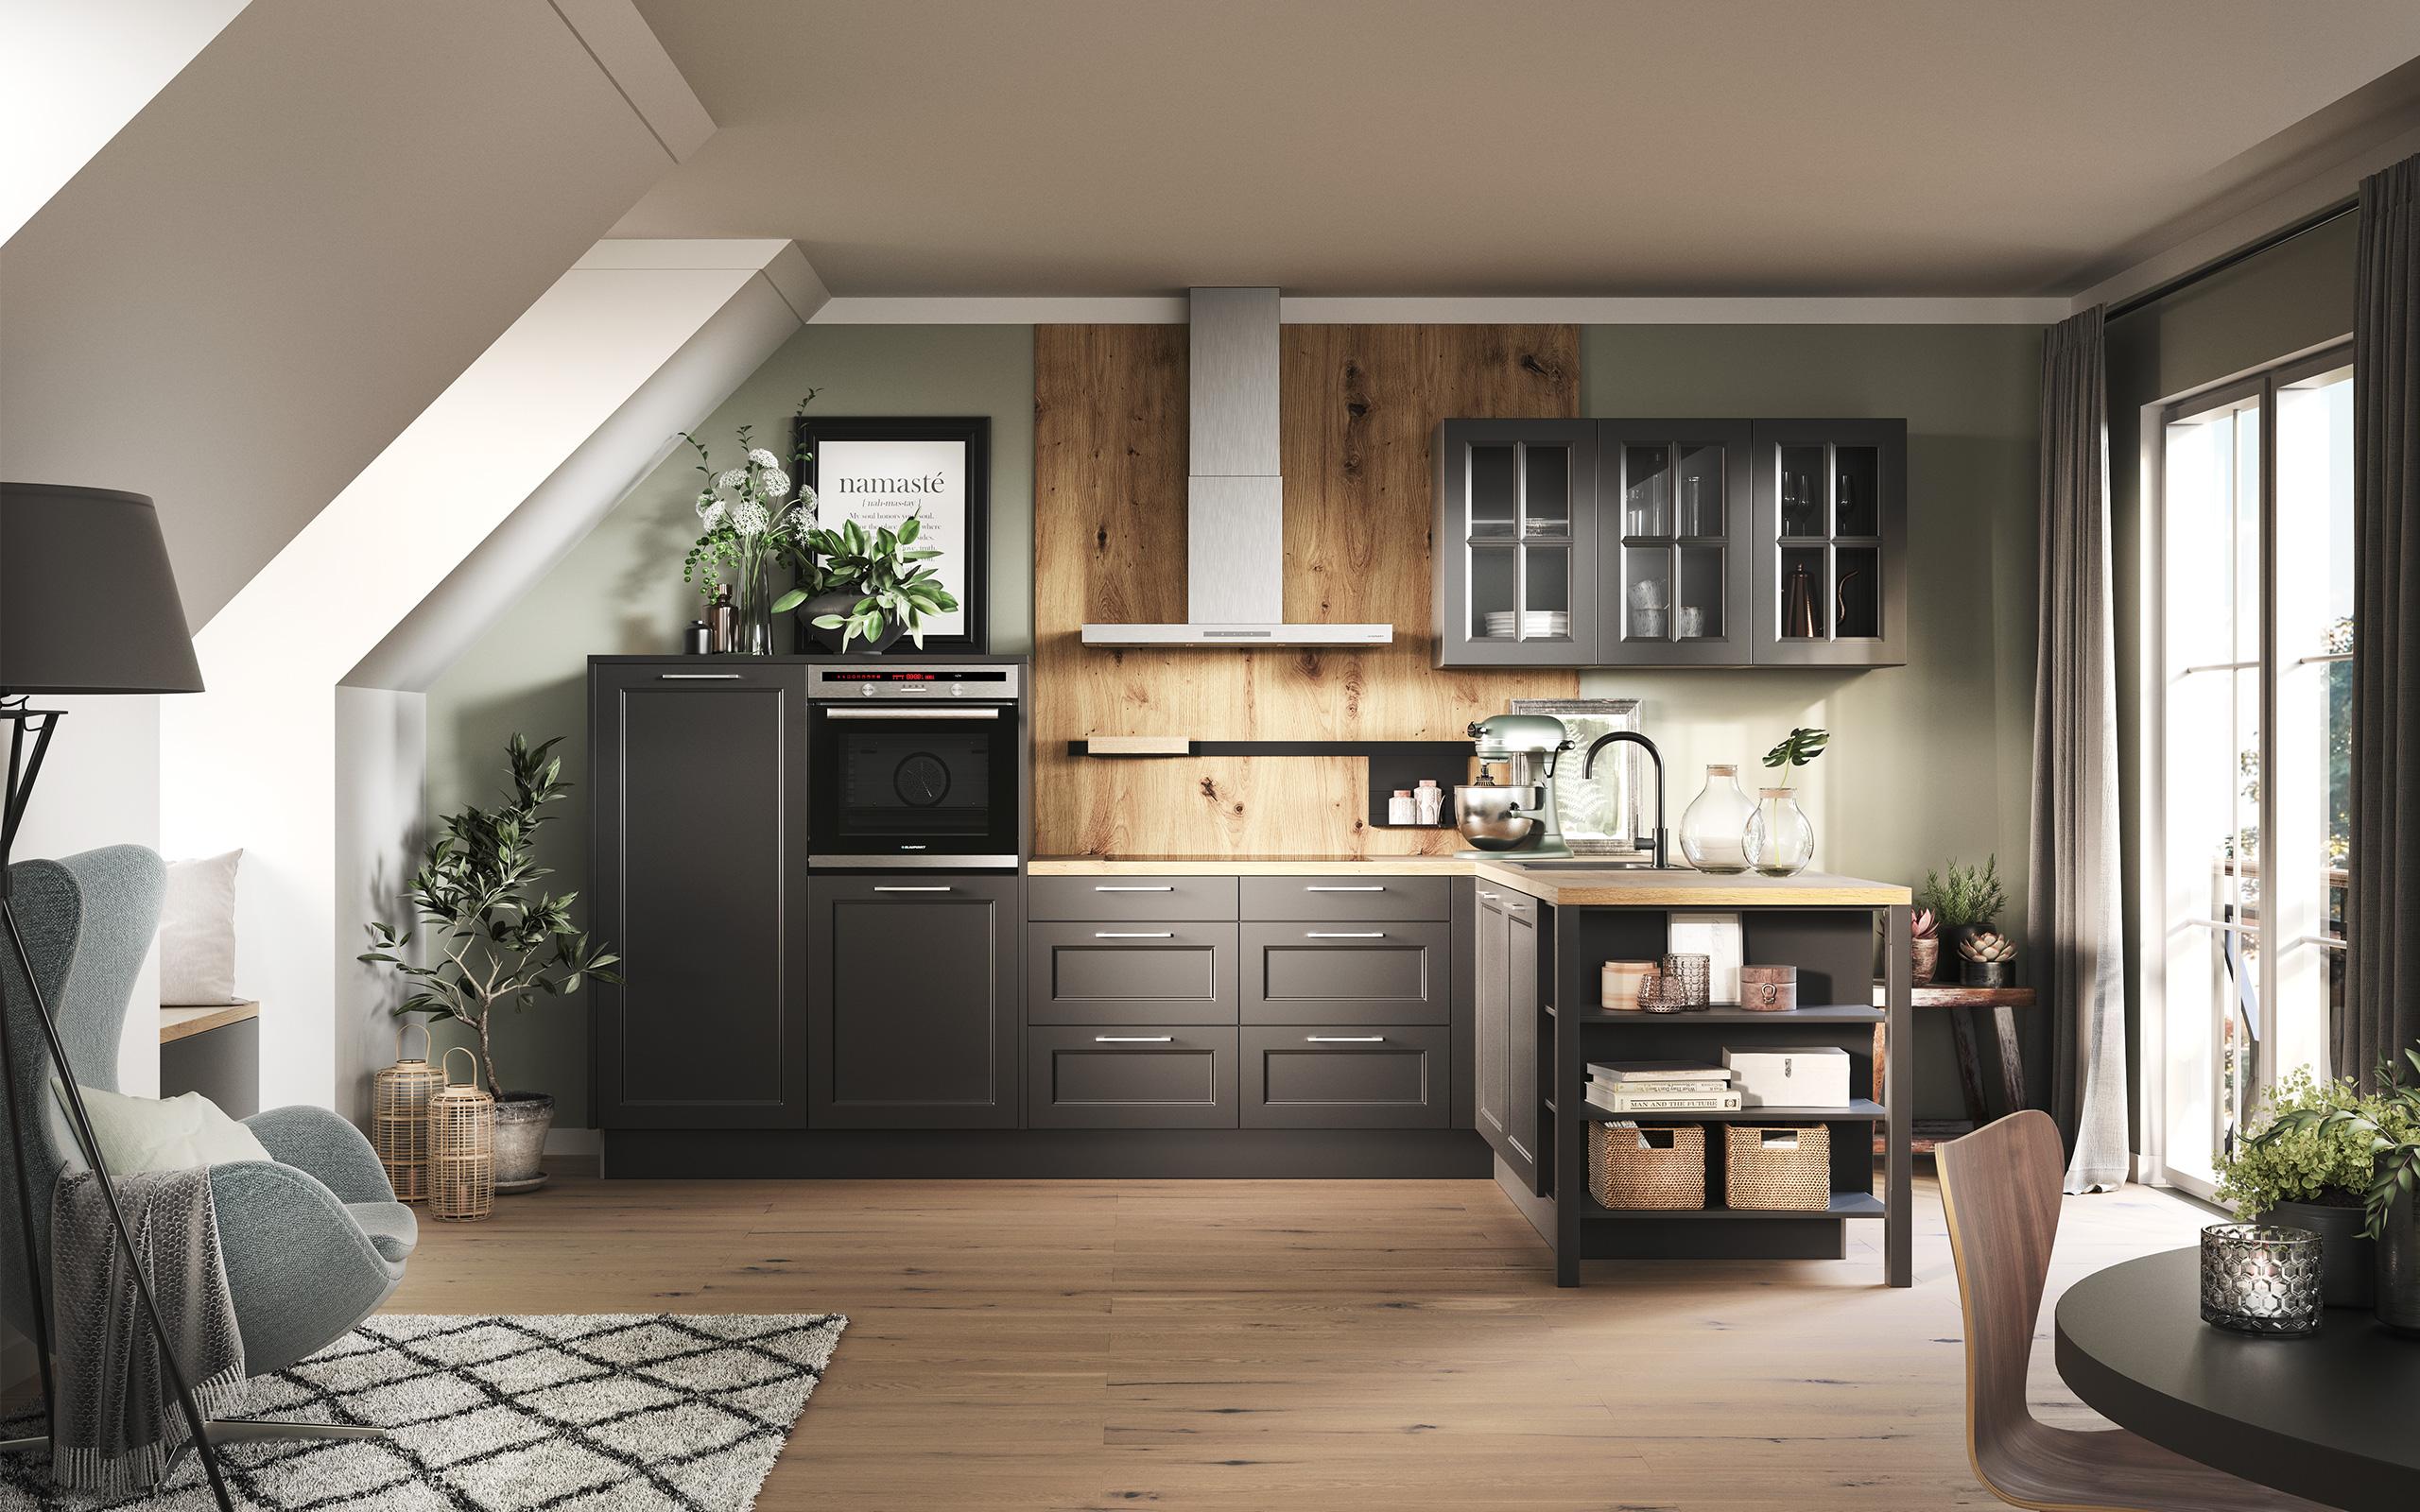 Hệ tủ bếp nhiều ngăn chứa thông minh và hiện đại